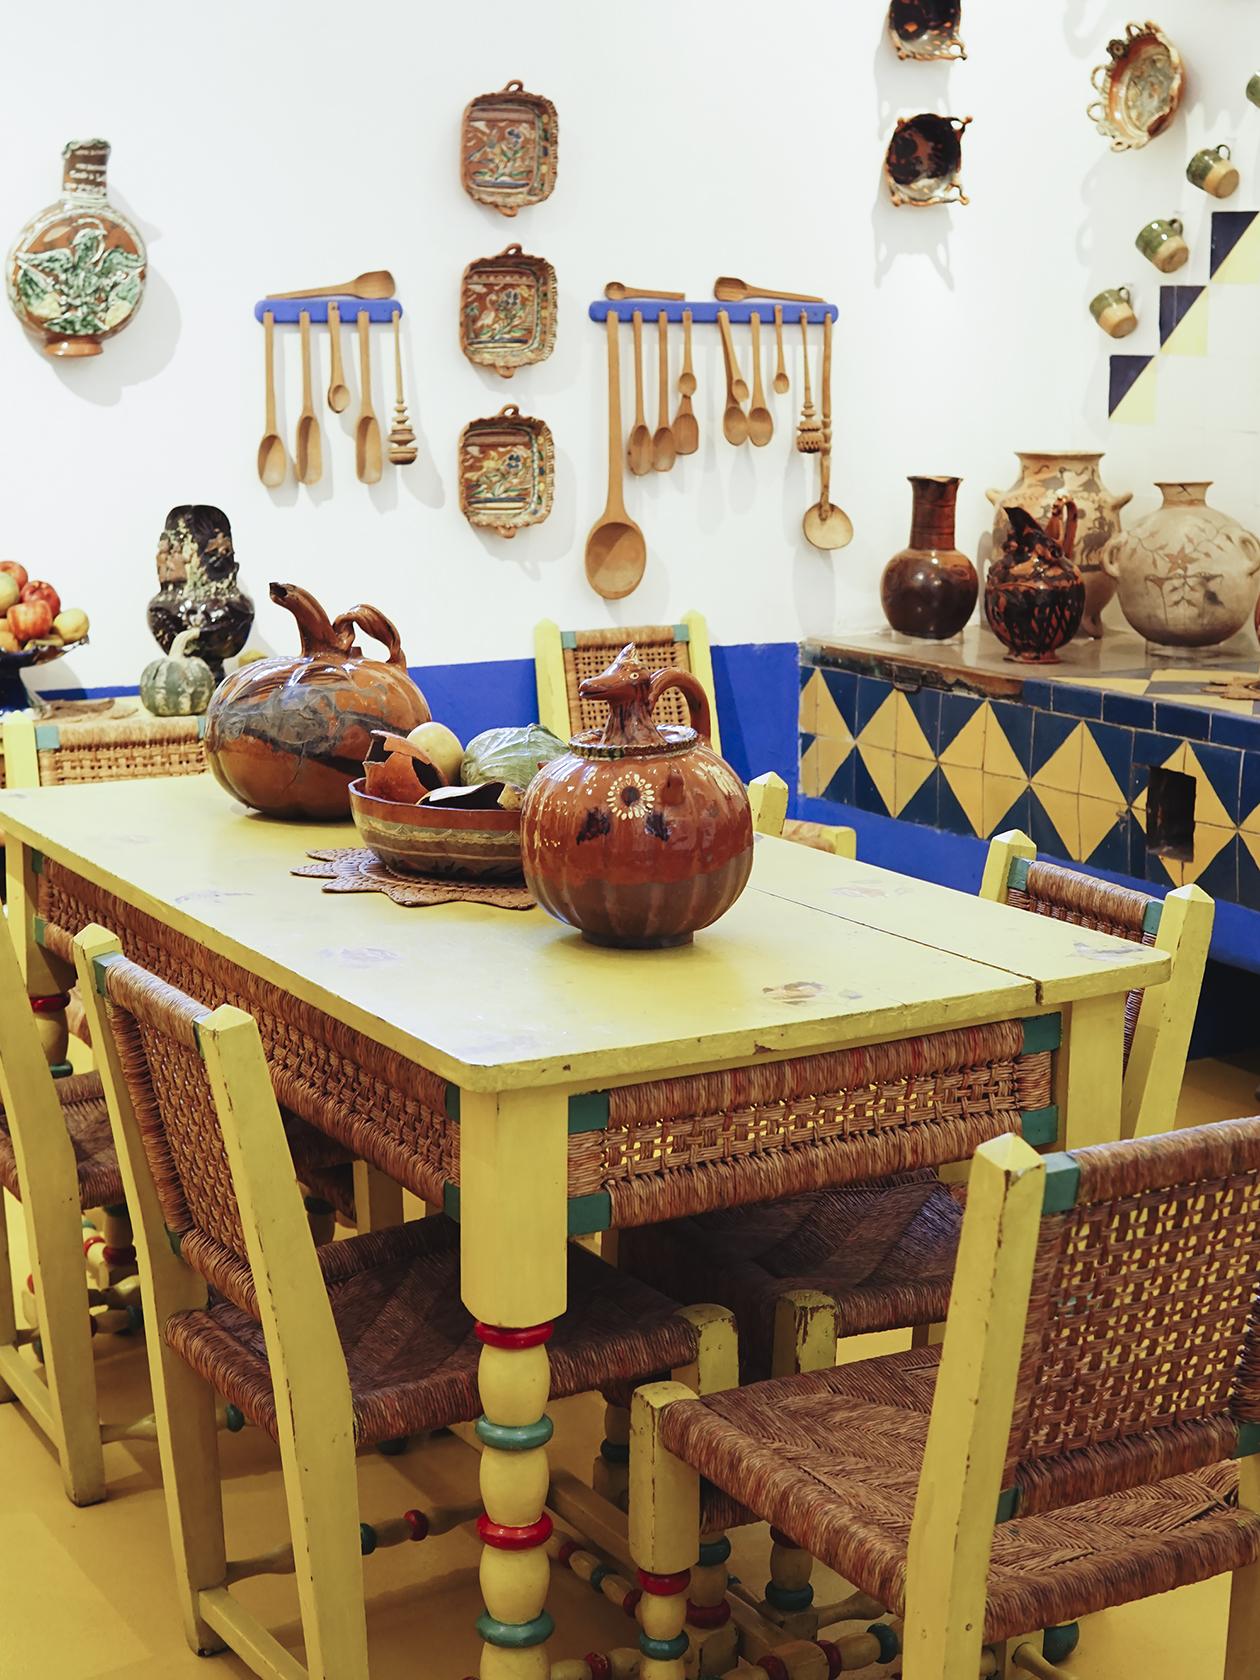 chrissihernandez-mexico-city-01 (173)copy2000.jpg